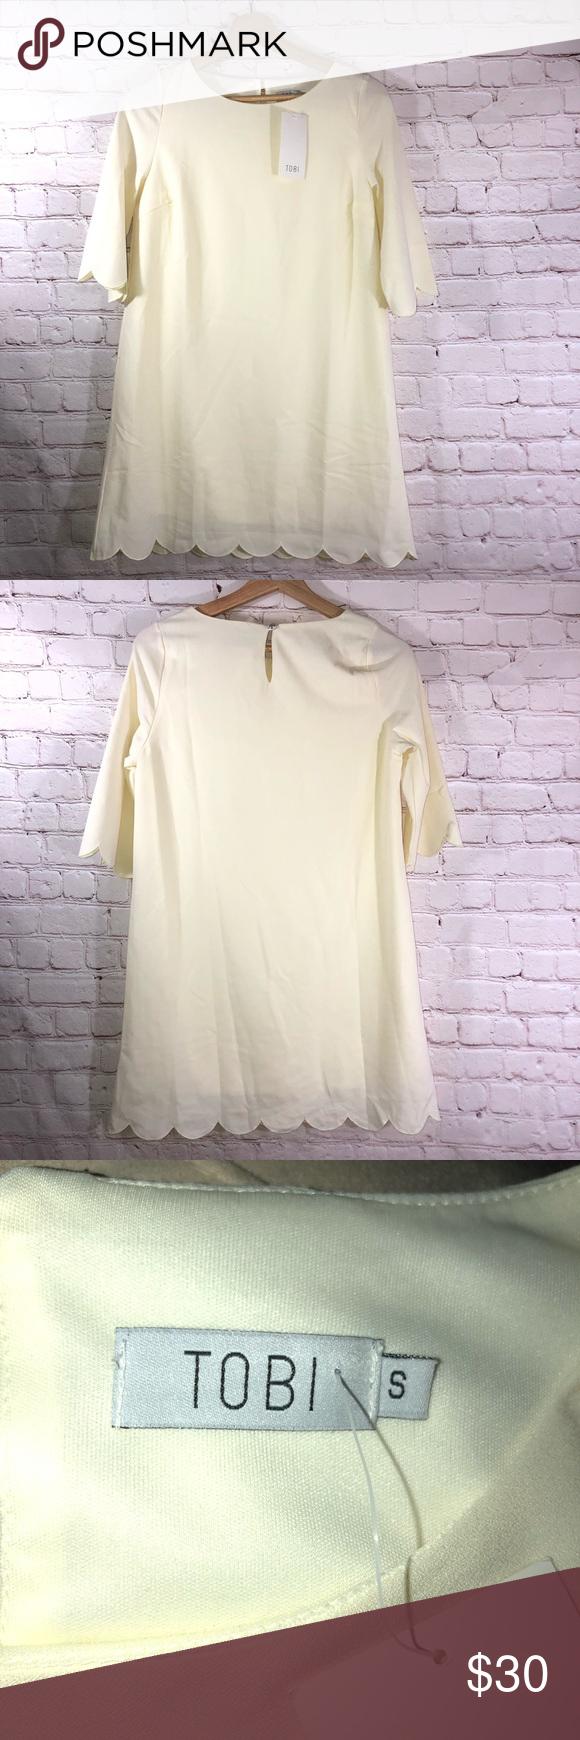 TOBI Mini Short Sleeve Dress TOBI mini dress Keyhole Short sleeves  NWT SMOKE AND PET FREE HOME  OFFERS ACCEPTED  #0707 Box E5 Tobi Dresses Mini